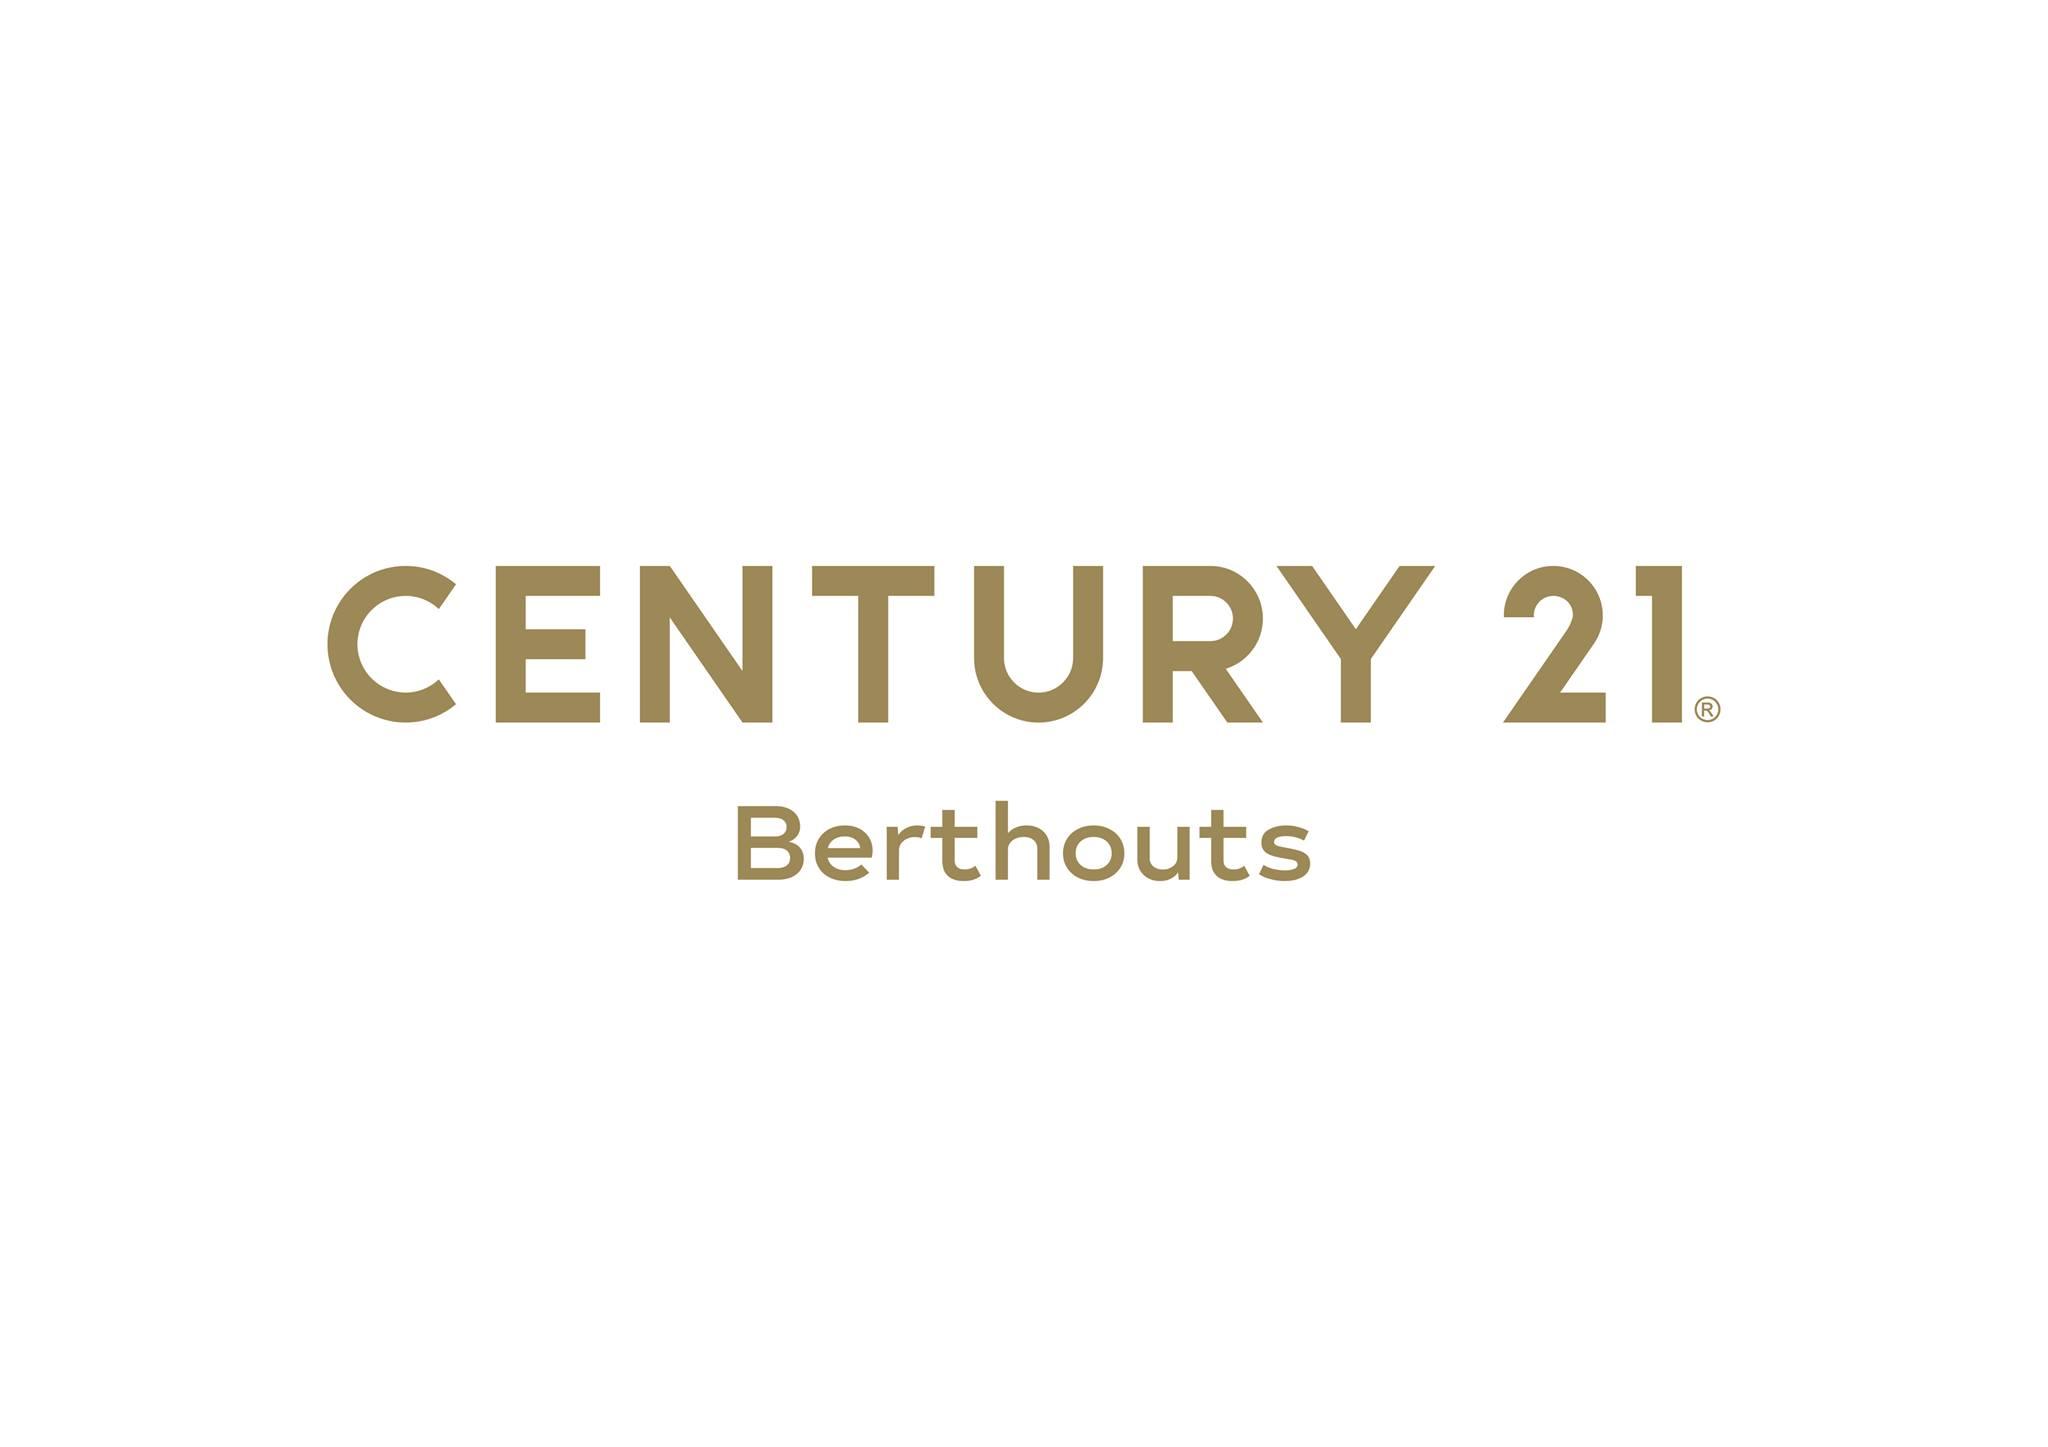 C21 Berthouts